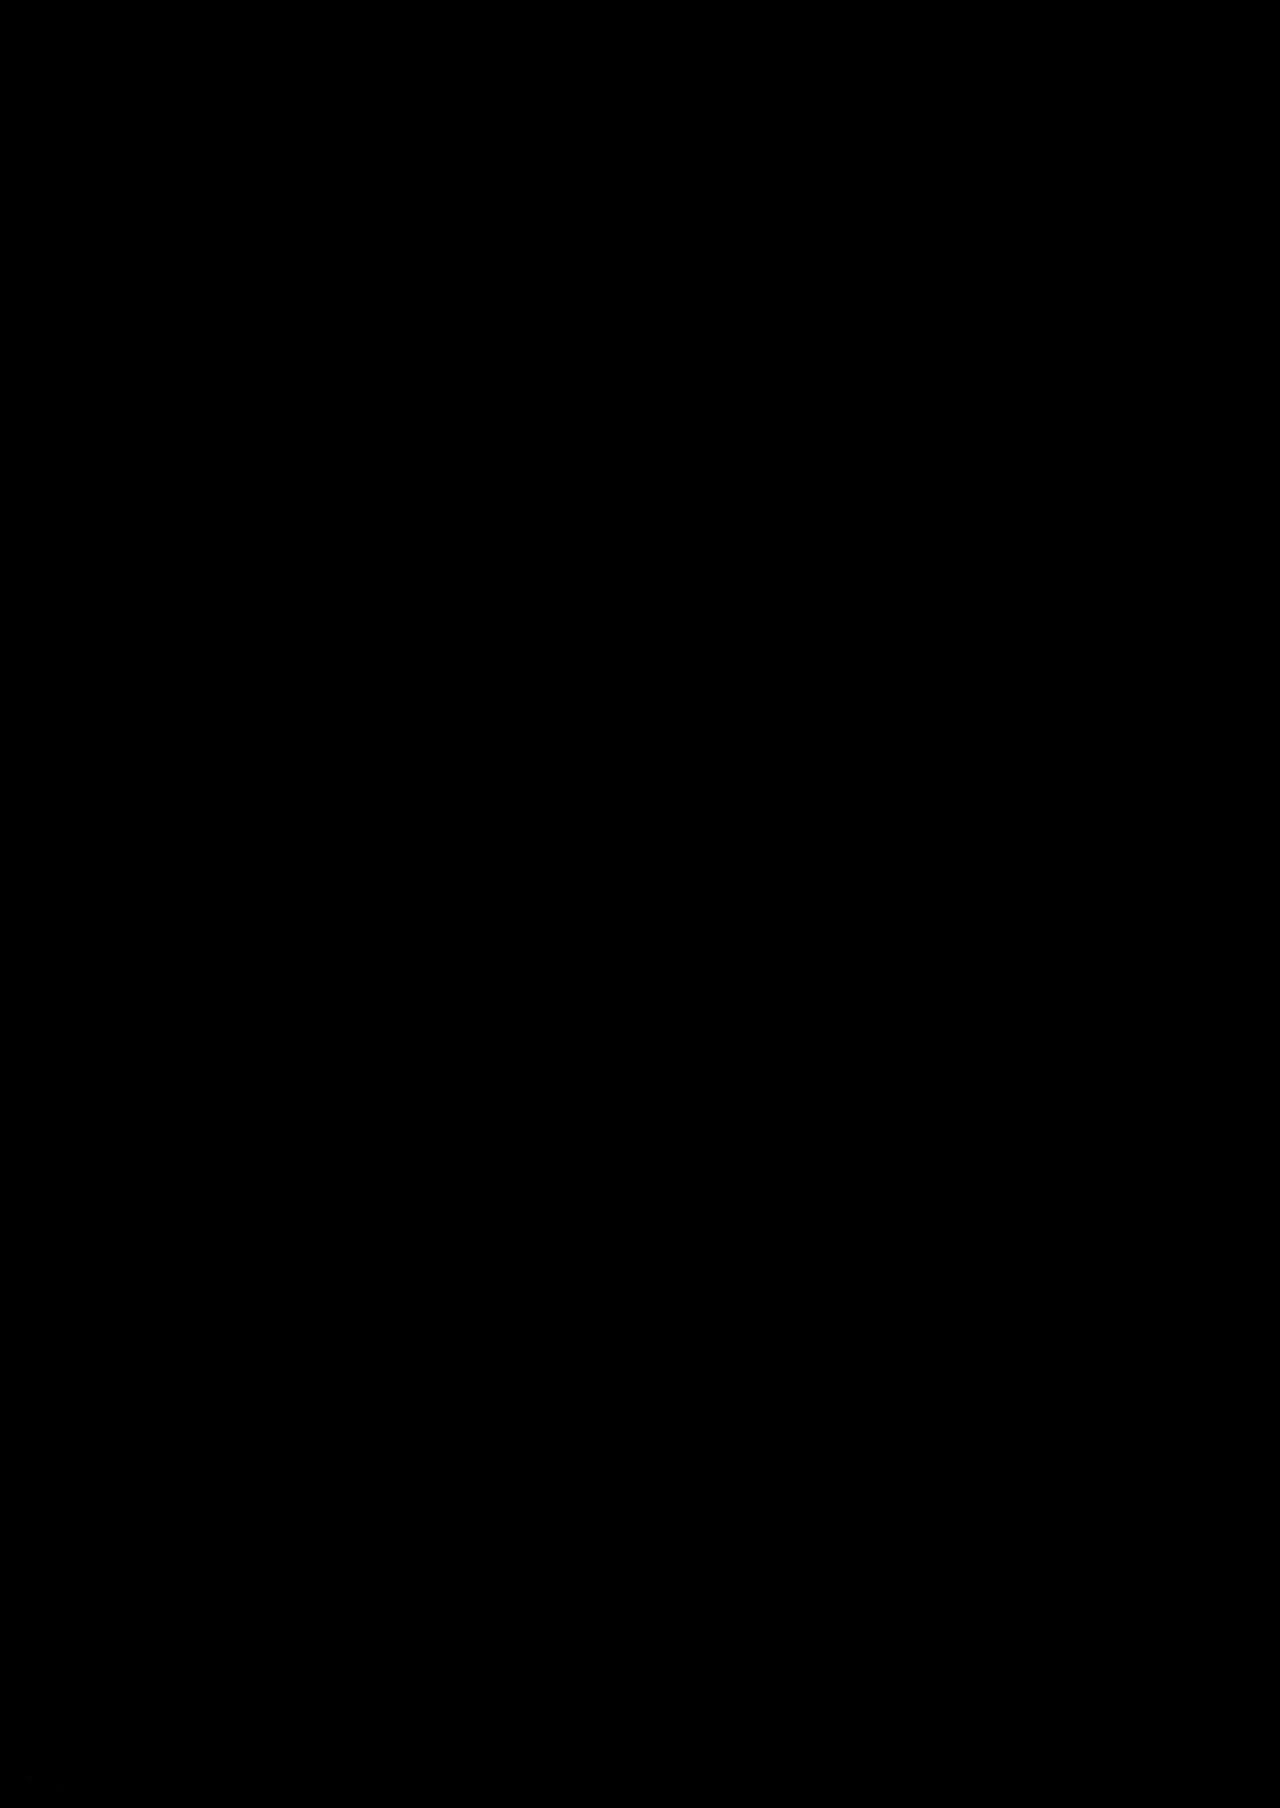 [Eromazun (Ma-kurou)] Mesu Ochi Jou Muzan-sama - RAPE OF DEMON SLAYER 4 (Kimetsu no Yaiba) [Chinese] [瑞树汉化组] [Digital] 2